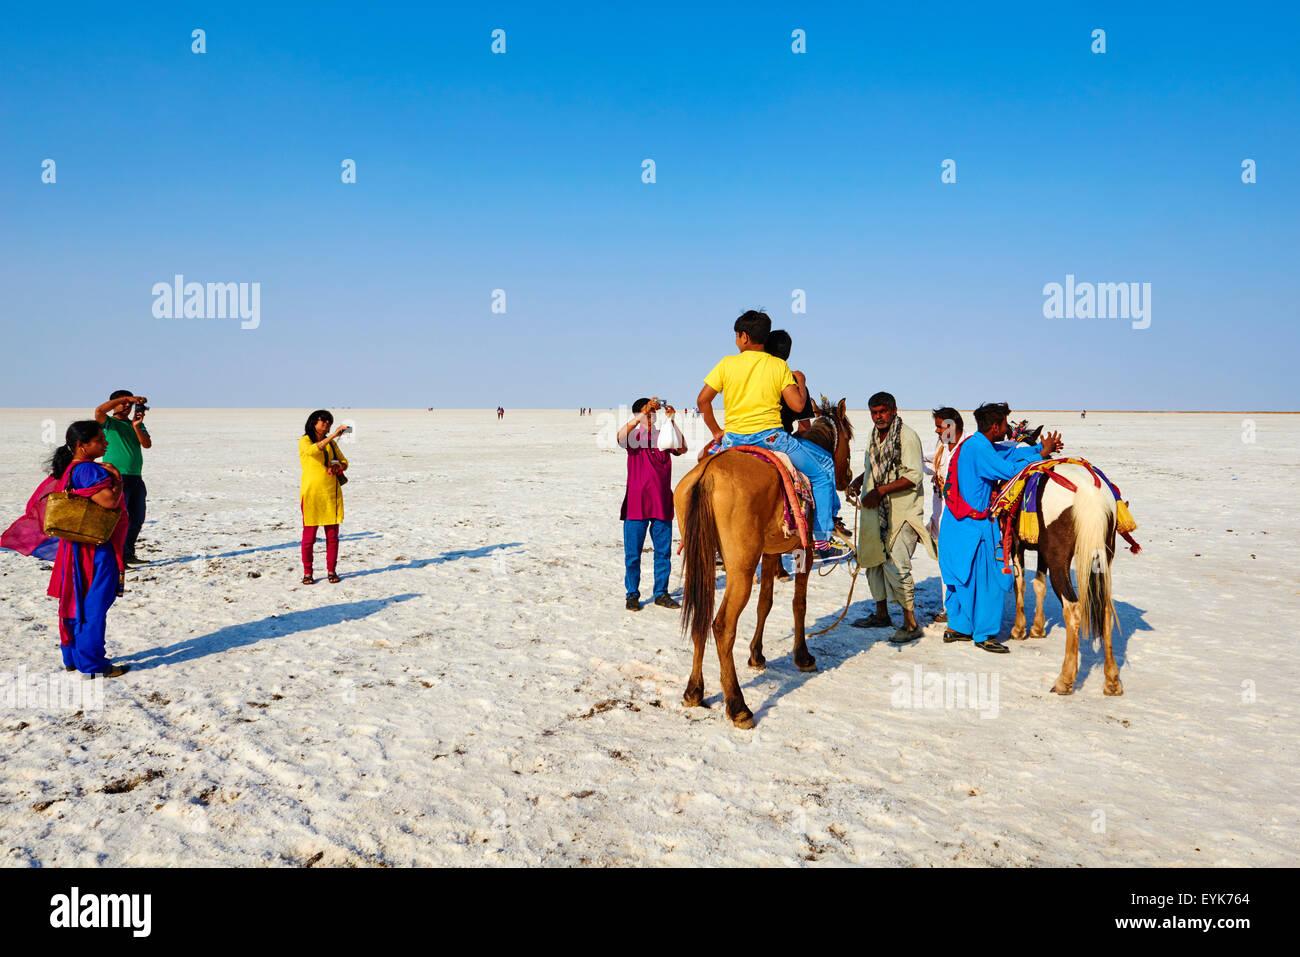 India, Gujarat, Kutch, Rann di Kutch, locale turist visitando il deserto di sale Immagini Stock